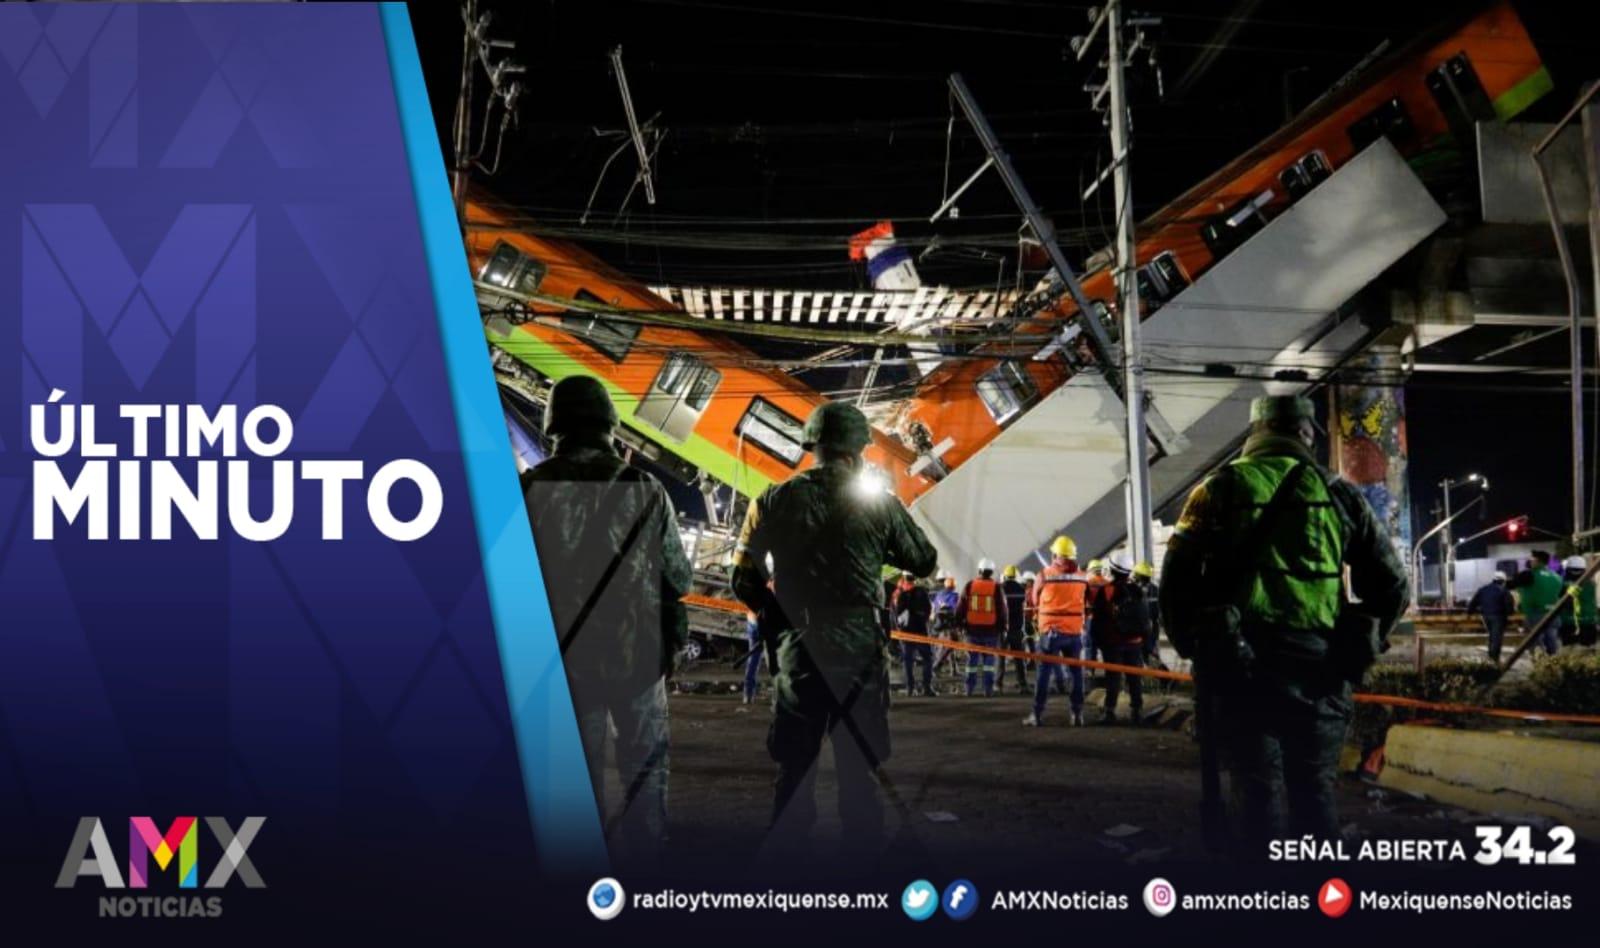 PRESENTAN PERITAJE PRELIMINAR SOBRE EL ACCIDENTE DE LA L12 DEL METRO